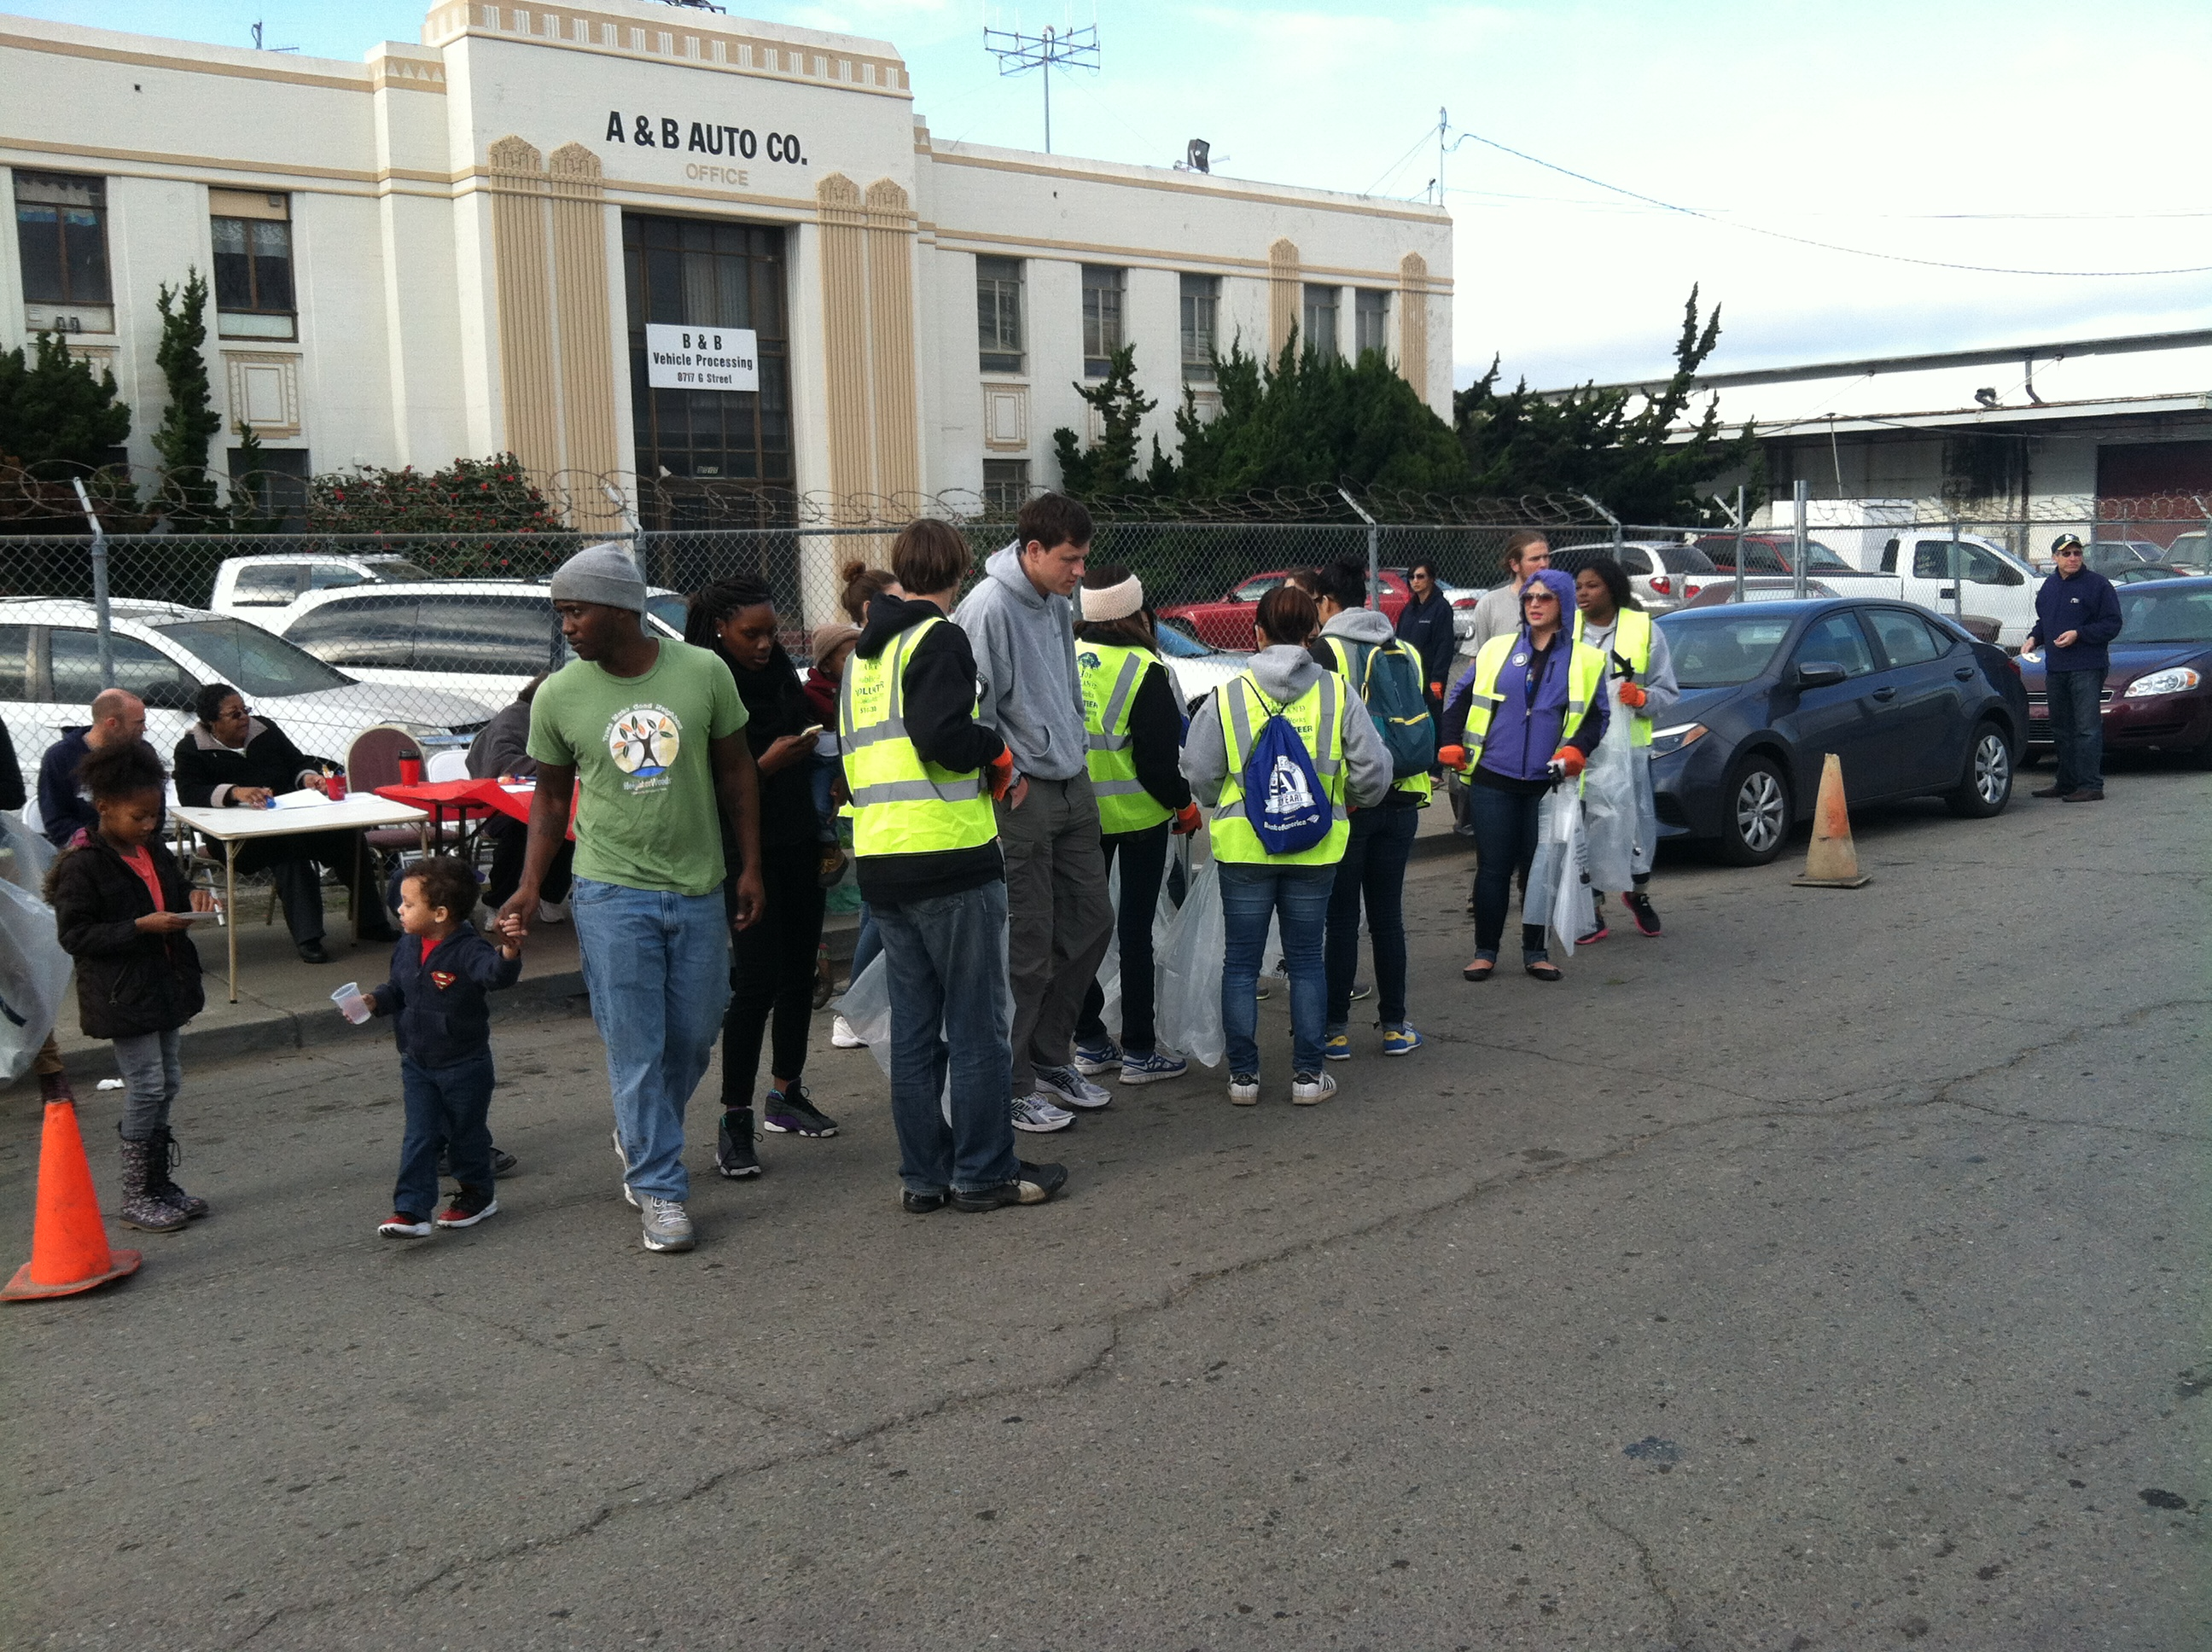 Clean-up volunteers get to work